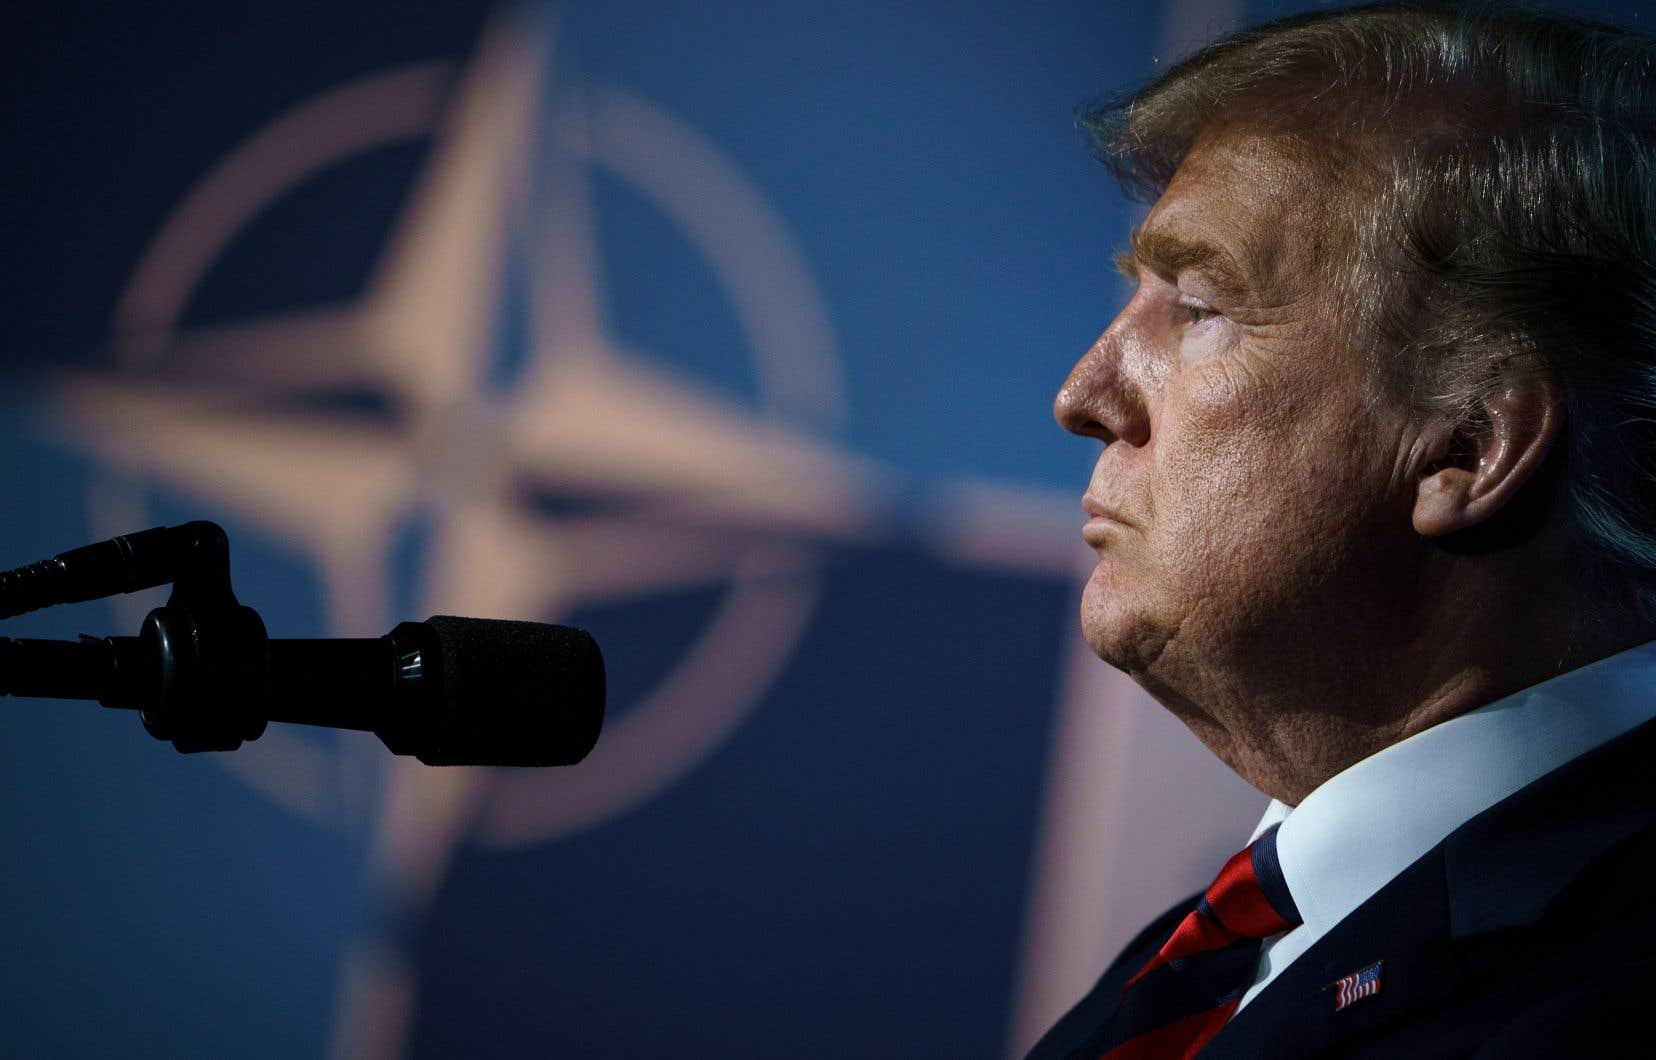 Selon le «New York Times», M.Trump aurait à de multiples reprises indiqué l'an dernier à de hauts responsables américains qu'il ne voyait pas l'intérêt de l'OTAN et que les États-Unis devraient s'en retirer.